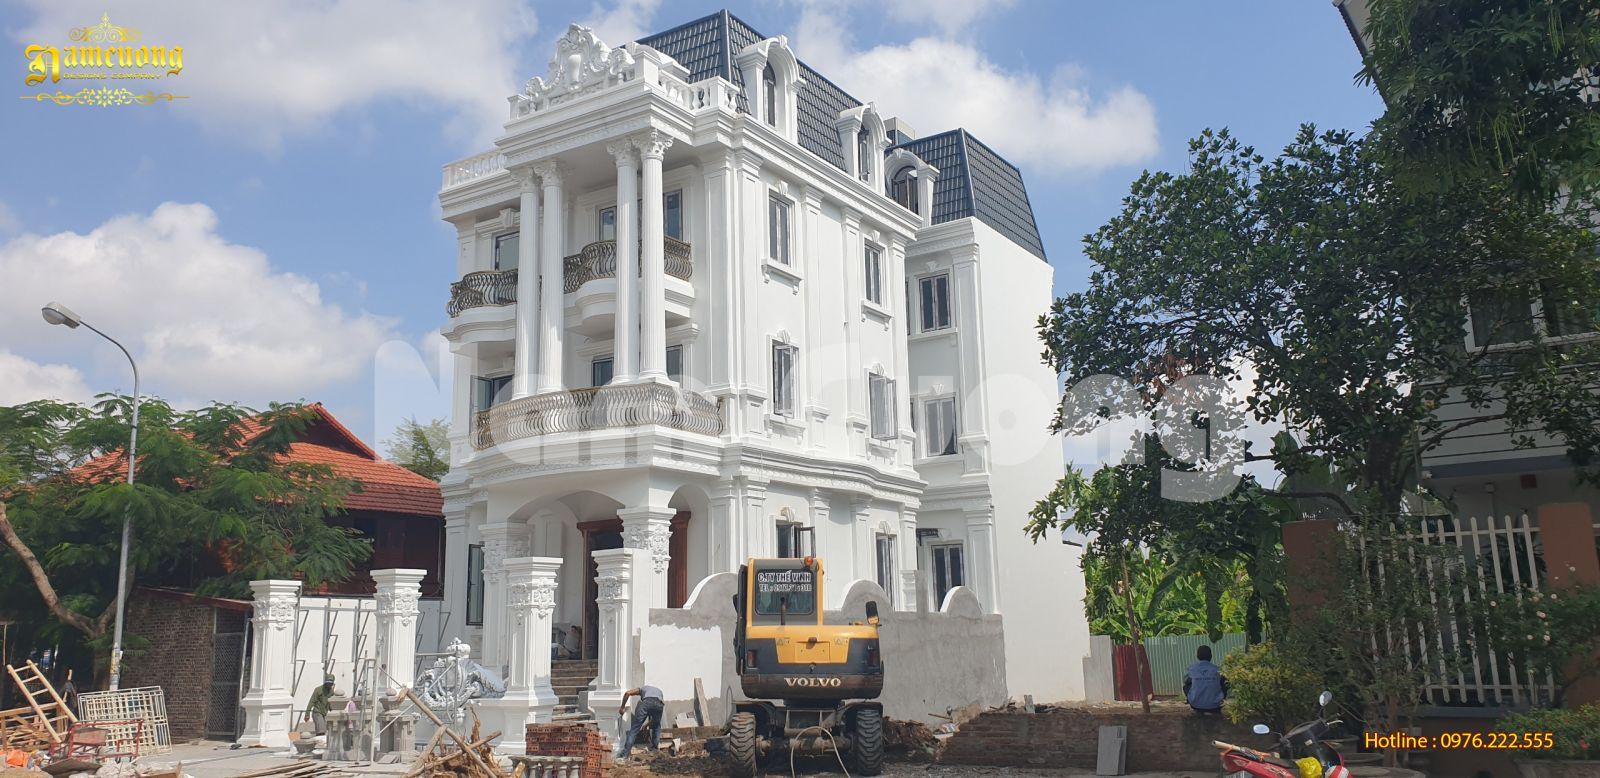 Thi công nhà đẹp 3 tầng kiến trúc Pháp- thi công hoàn thiện